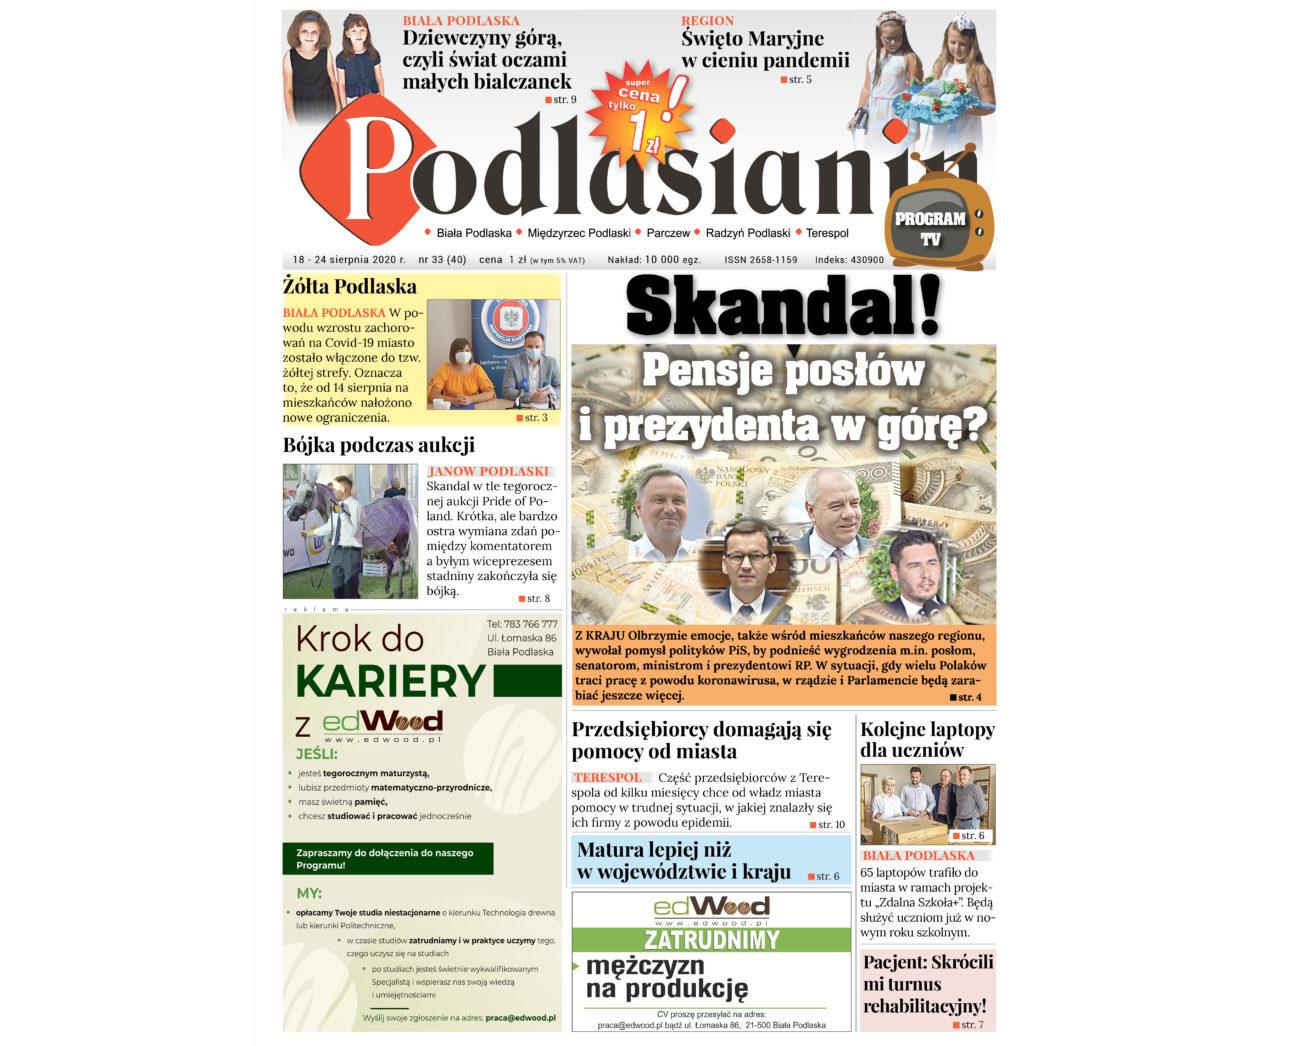 Nowe wydanie Podlasianina